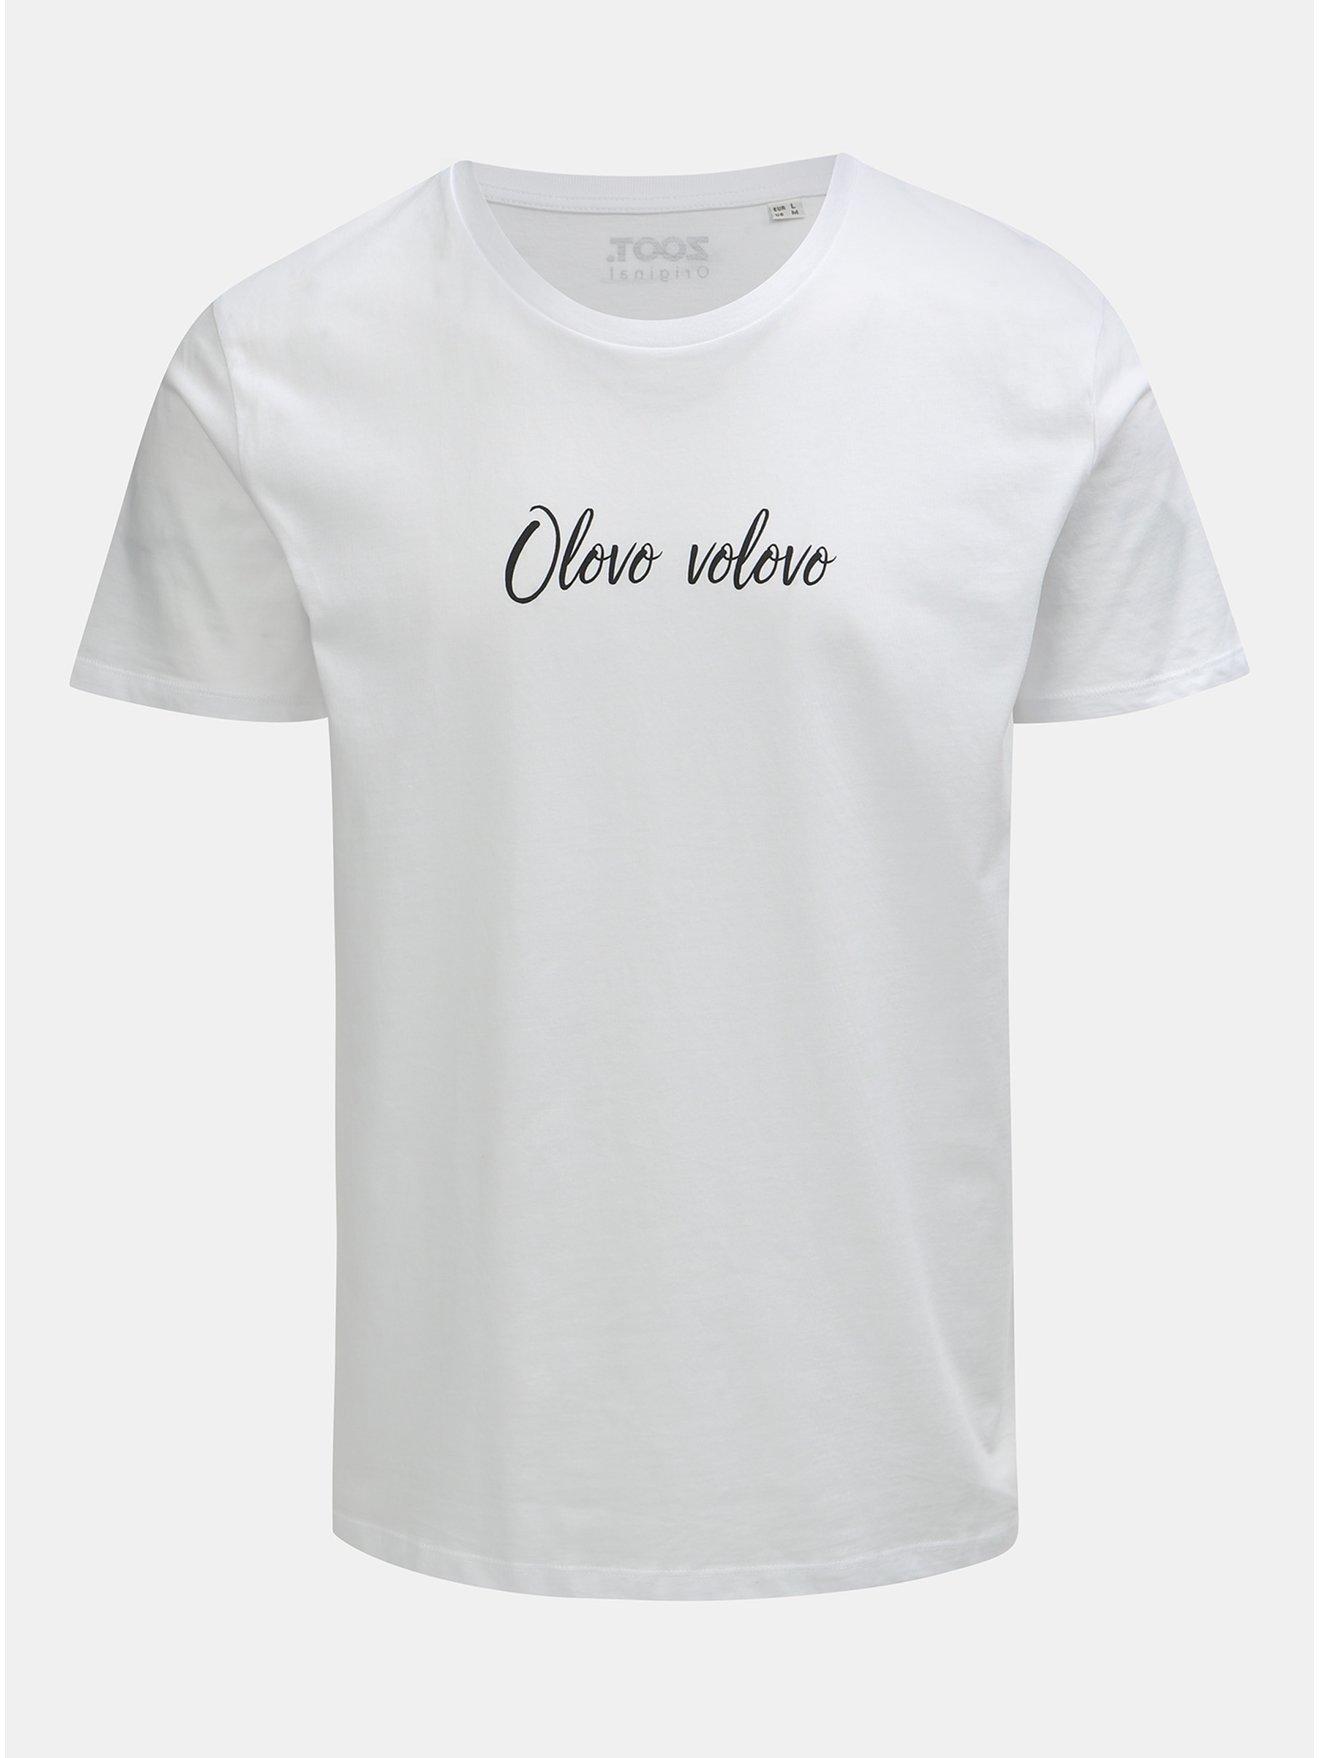 1bd57017e6c Bílé pánské tričko s potiskem ZOOT Original Olovo volovo